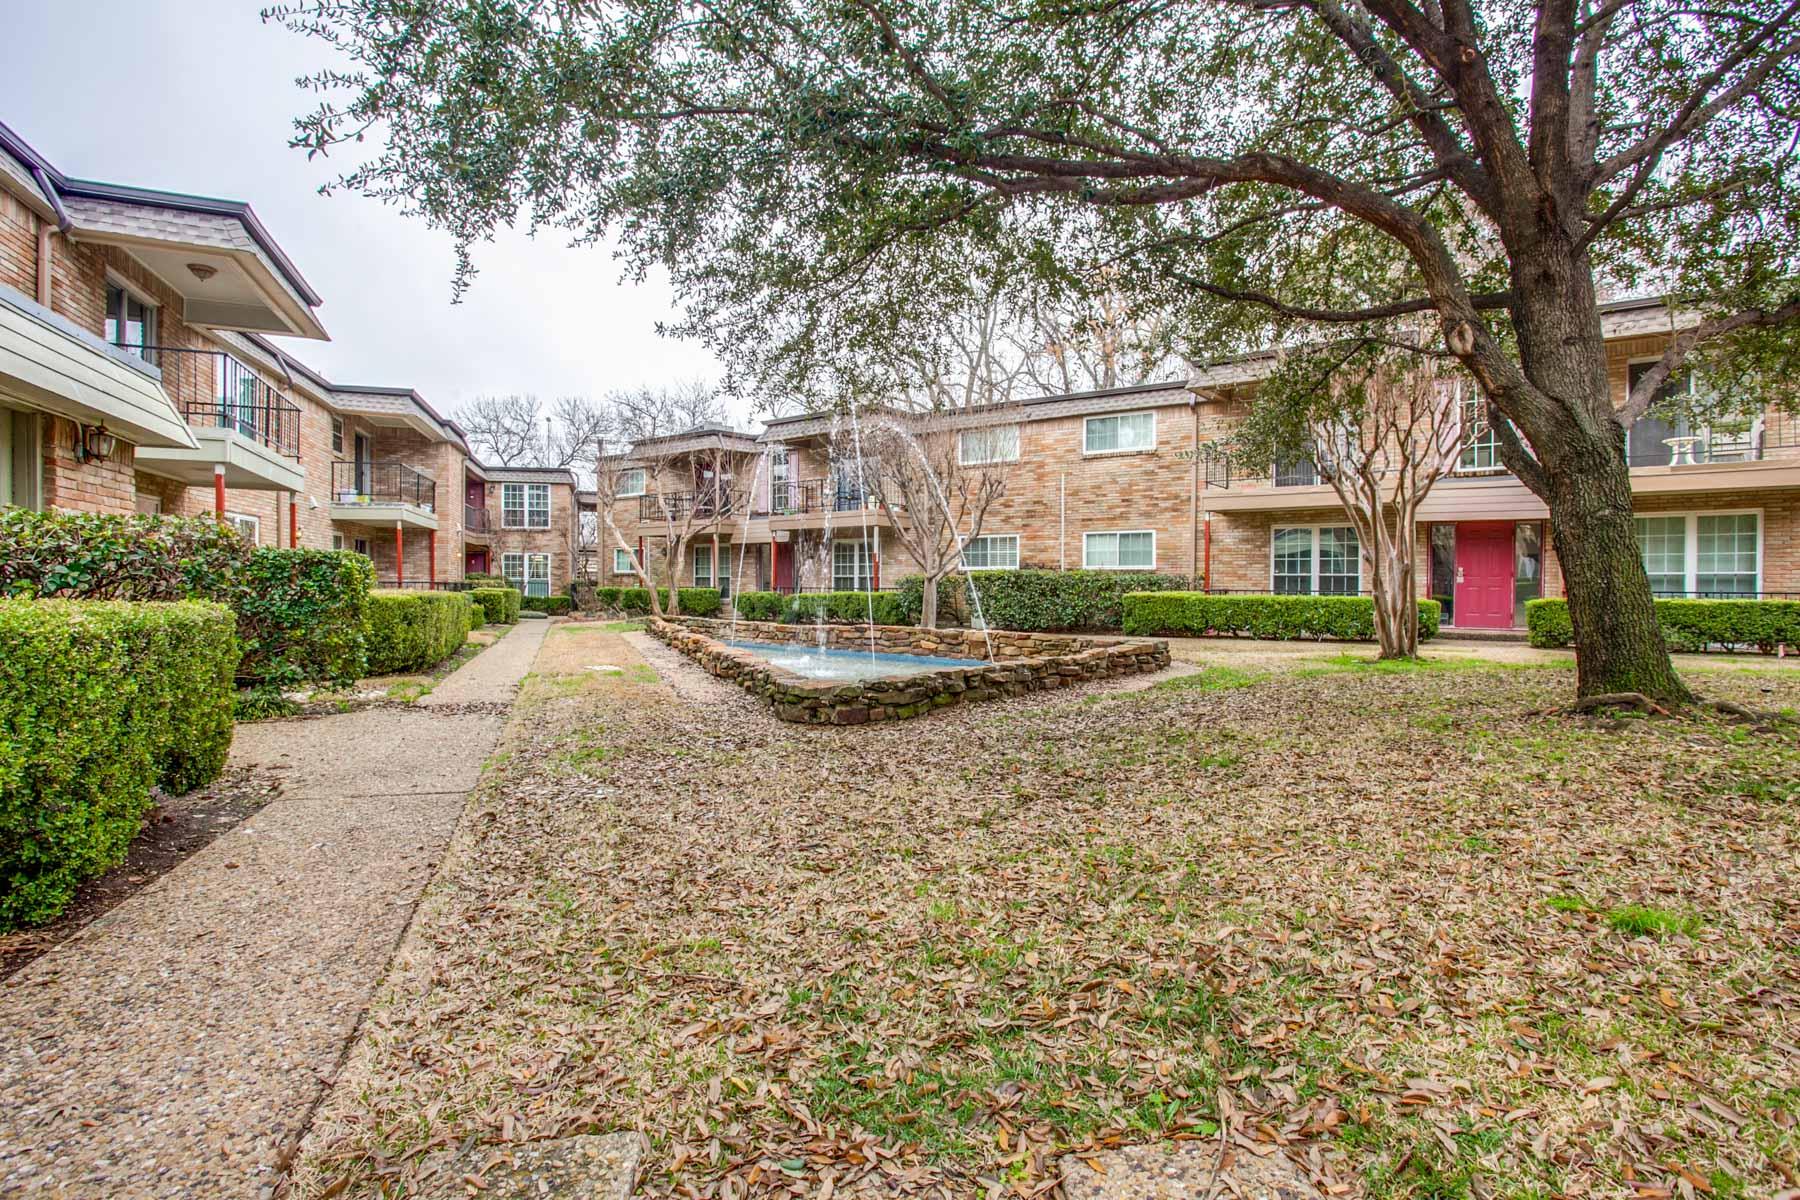 Condominium for Sale at Dallas Condo, Close to Downtown 7918 Royal Lane #112B, Dallas, Texas, 75230 United States